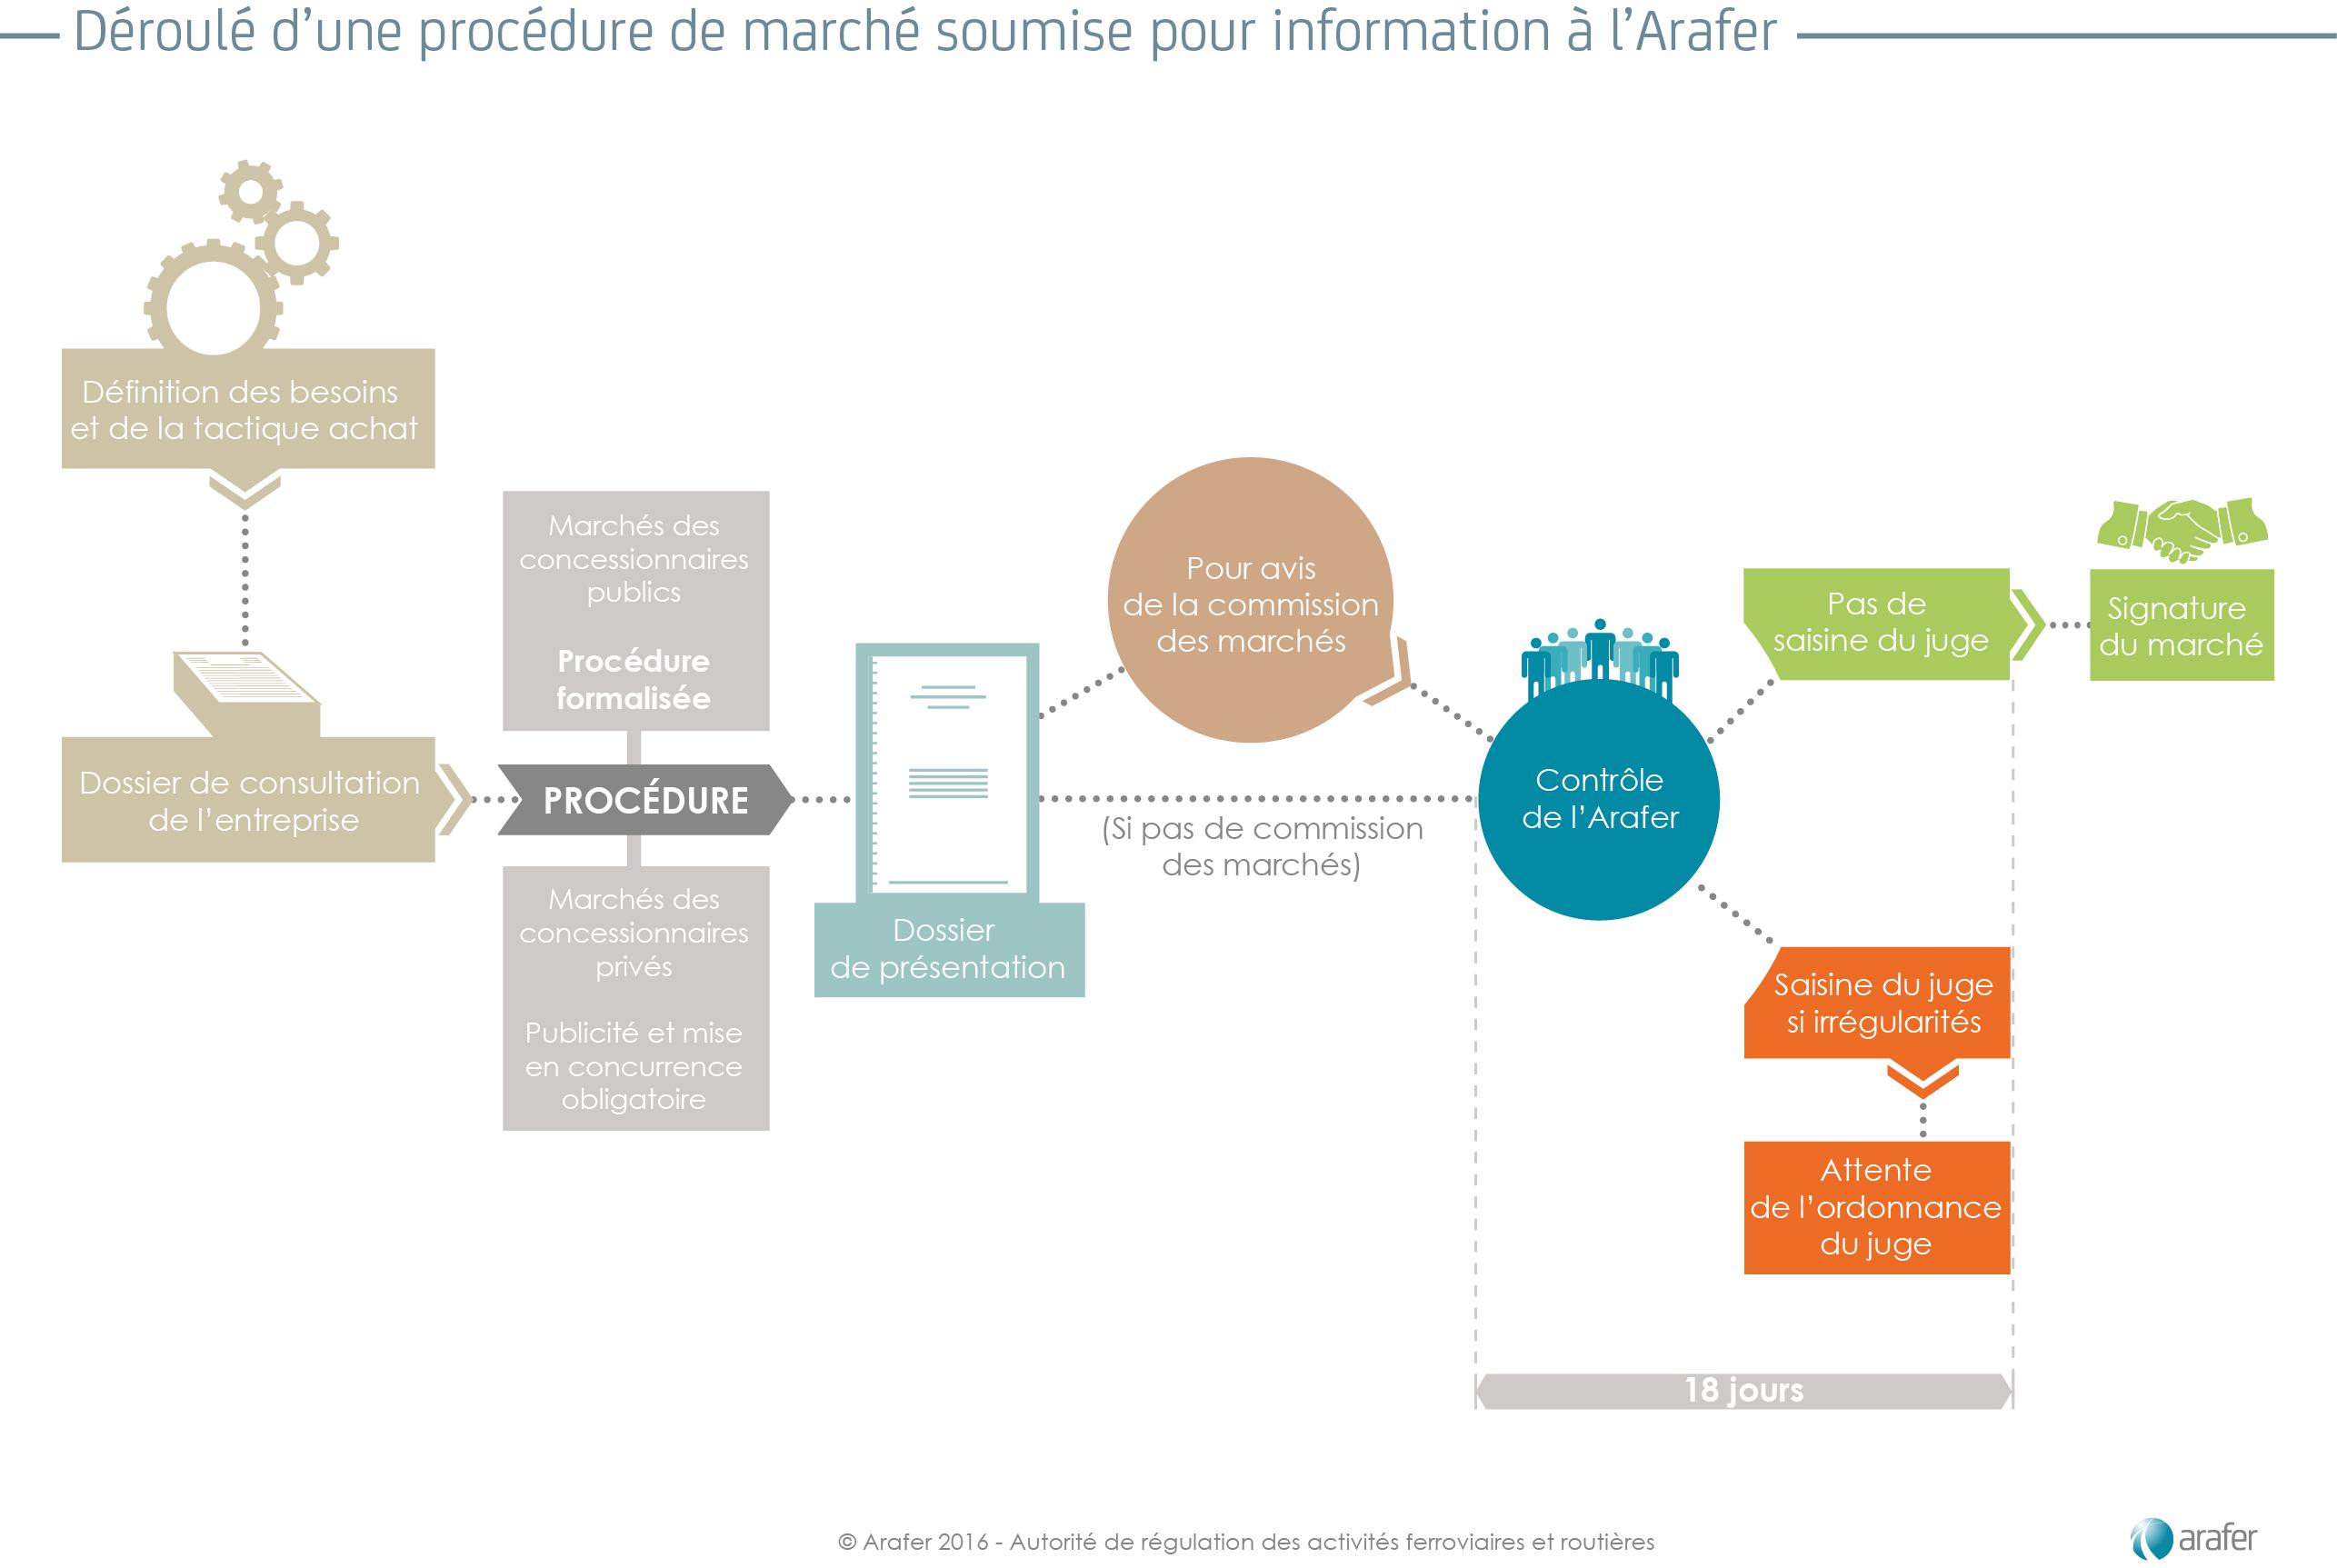 procedure-information-arafer